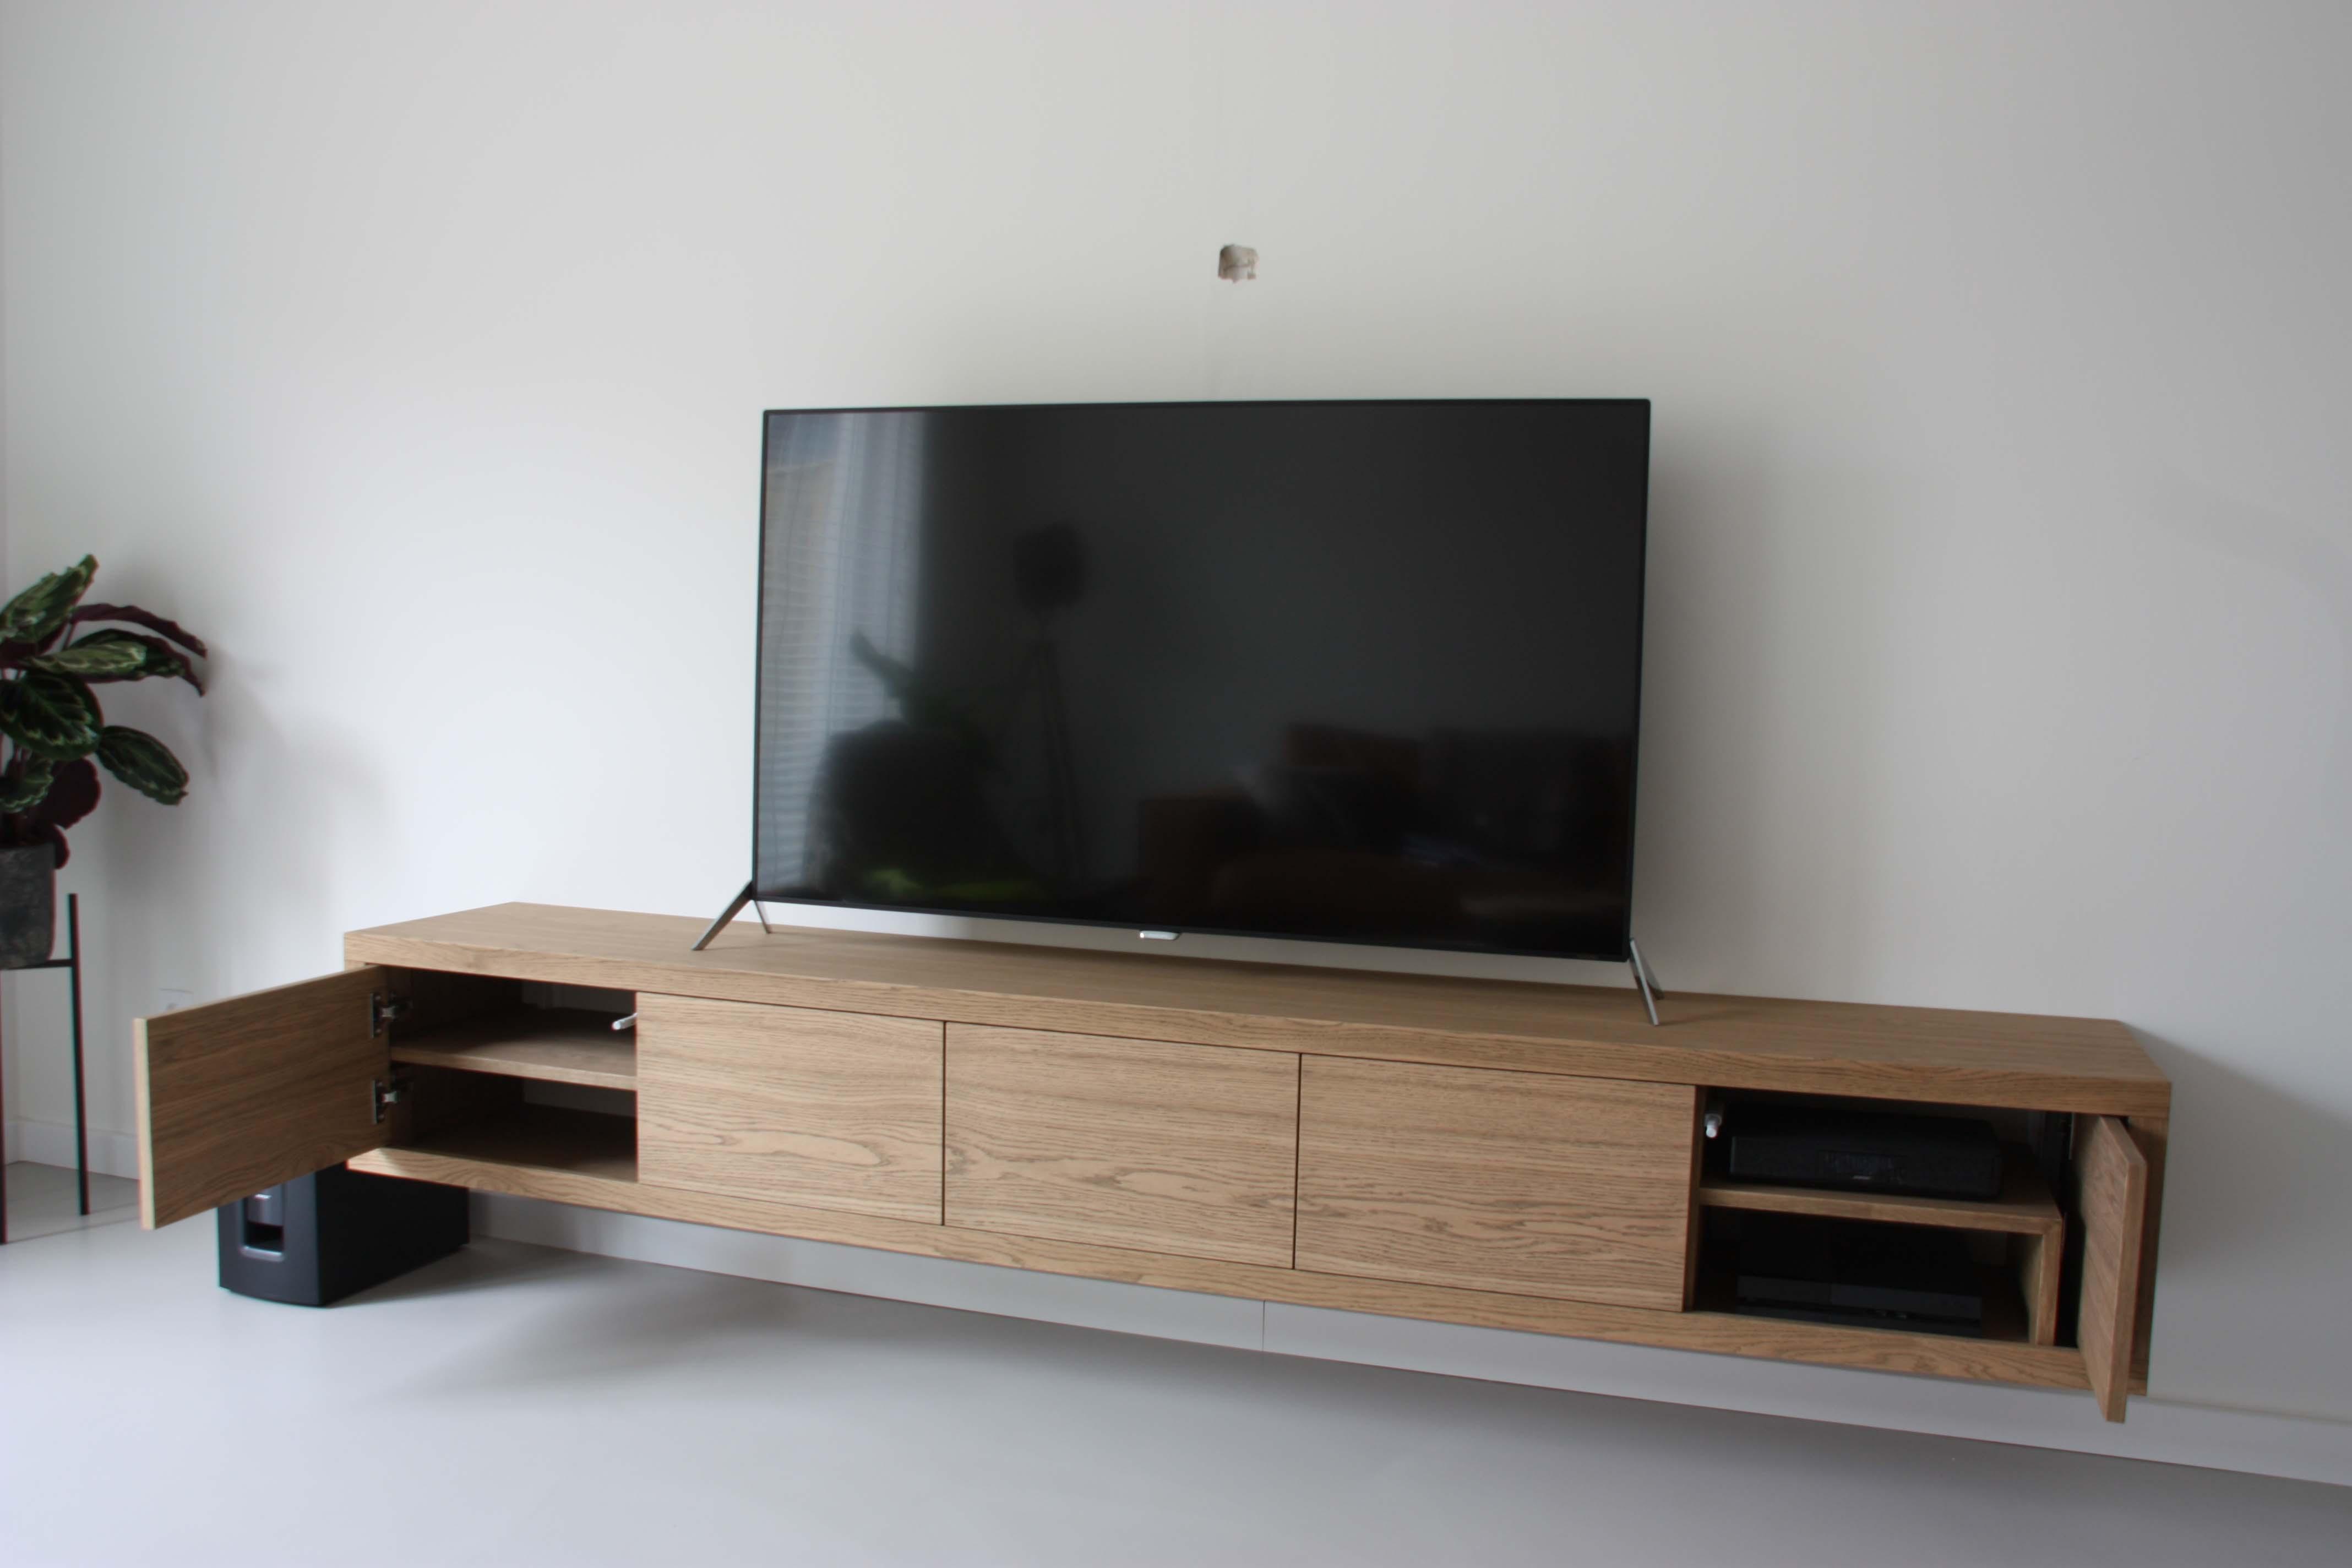 Zwevend tv meubel meeldijk meubelmakerij meubelrestauratie